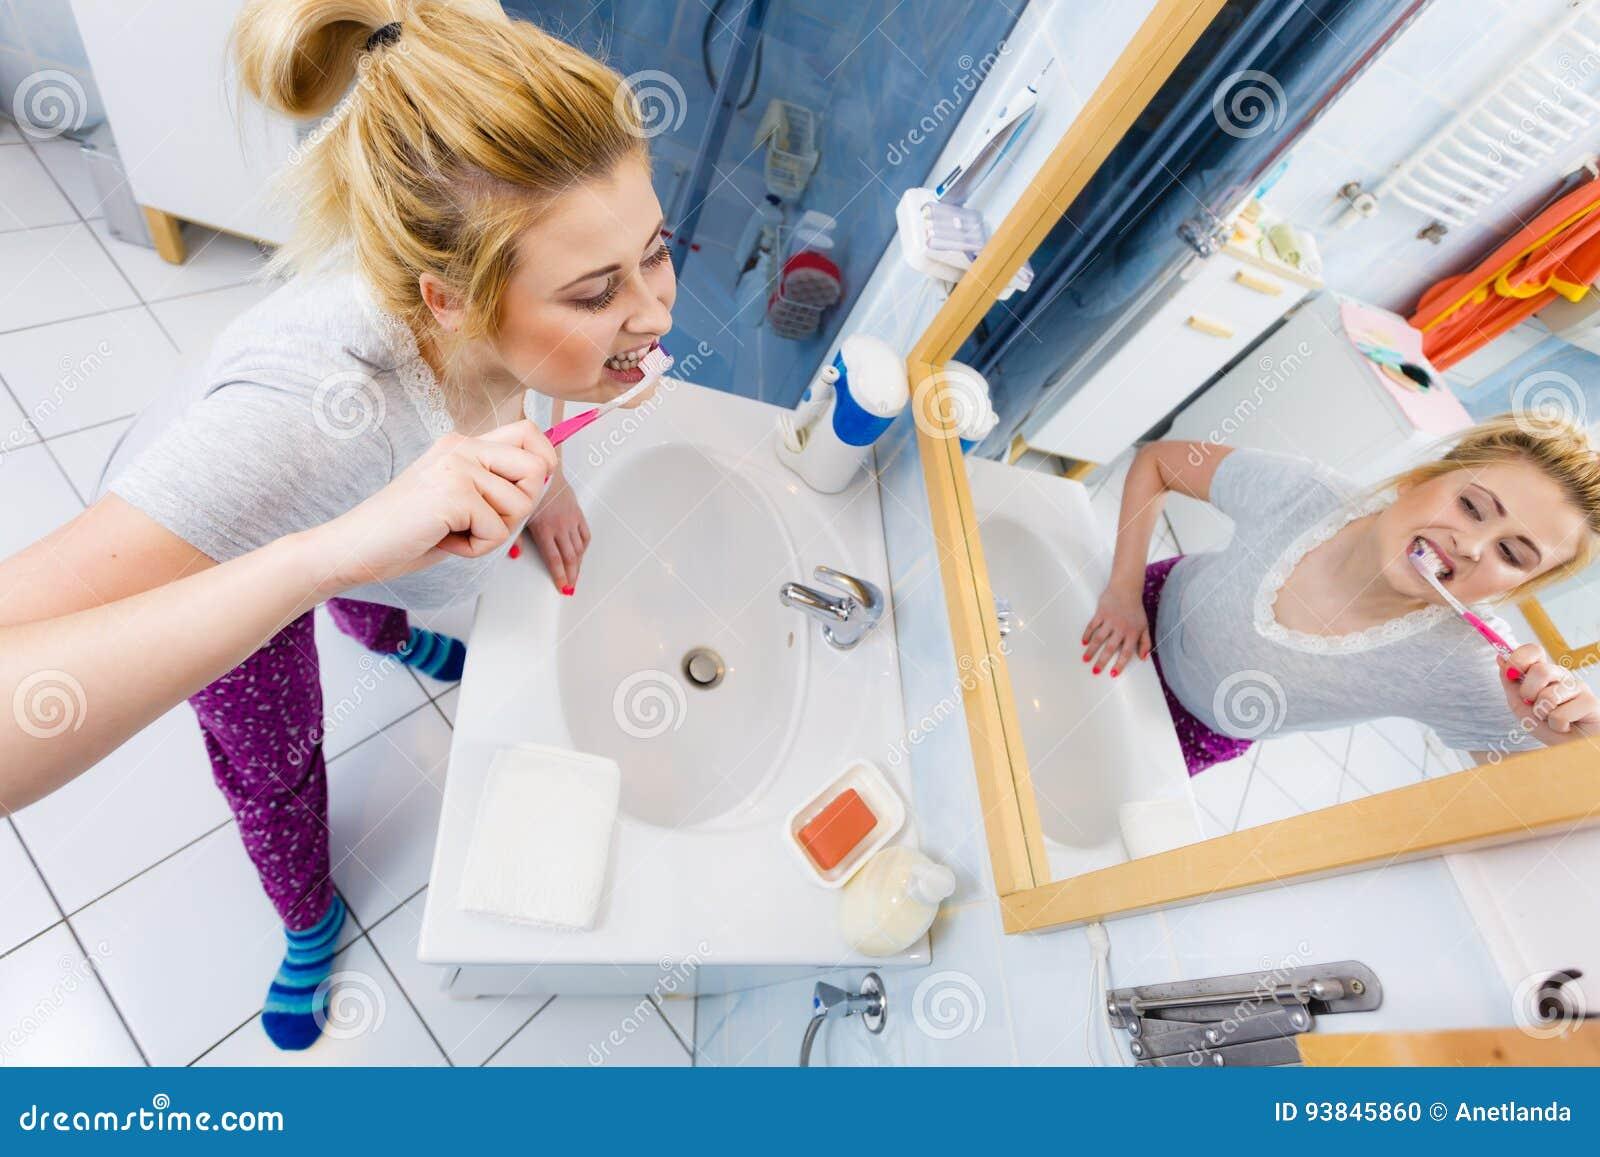 Dents de nettoyage de brossage de femme dans la salle de bains photo stock image du dent - Nettoyage de salle de bain ...